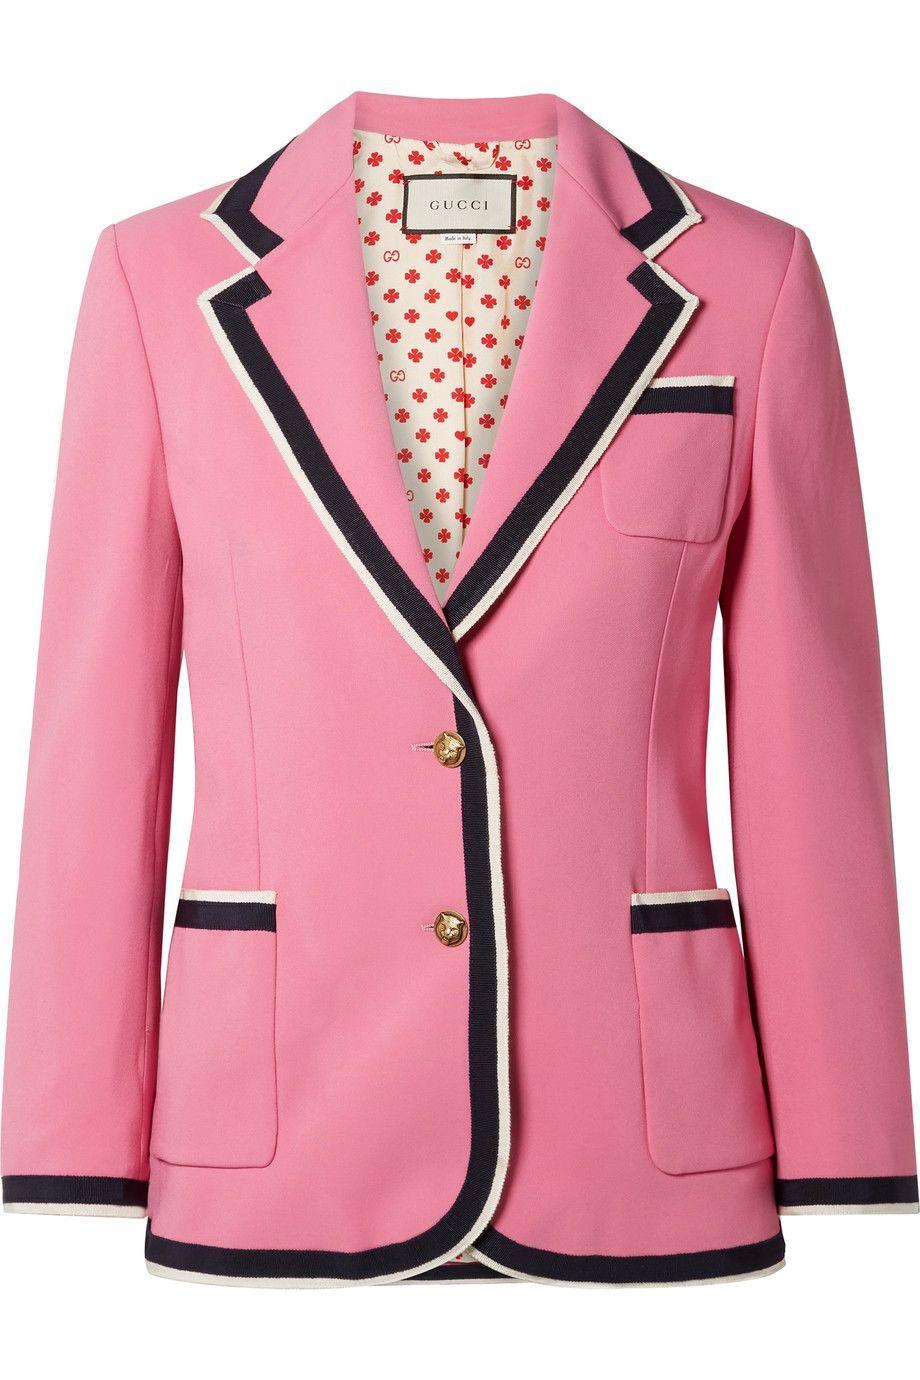 Manis dengan Nuansa Pink Saat Valentine, Coba Kenakan Busana Ini Yuk